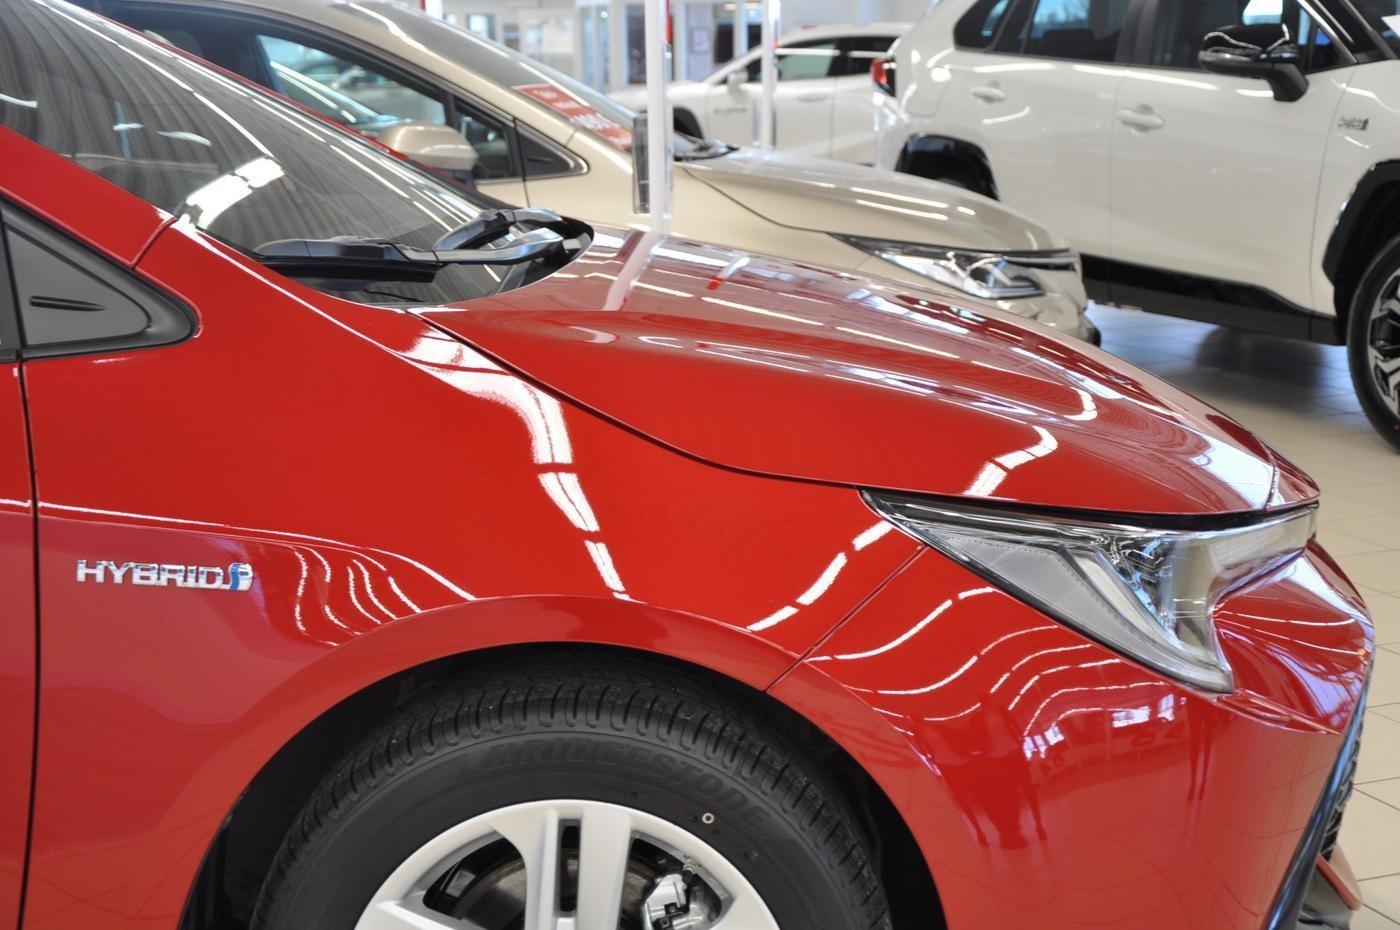 nya bilar utställda i bilaffär